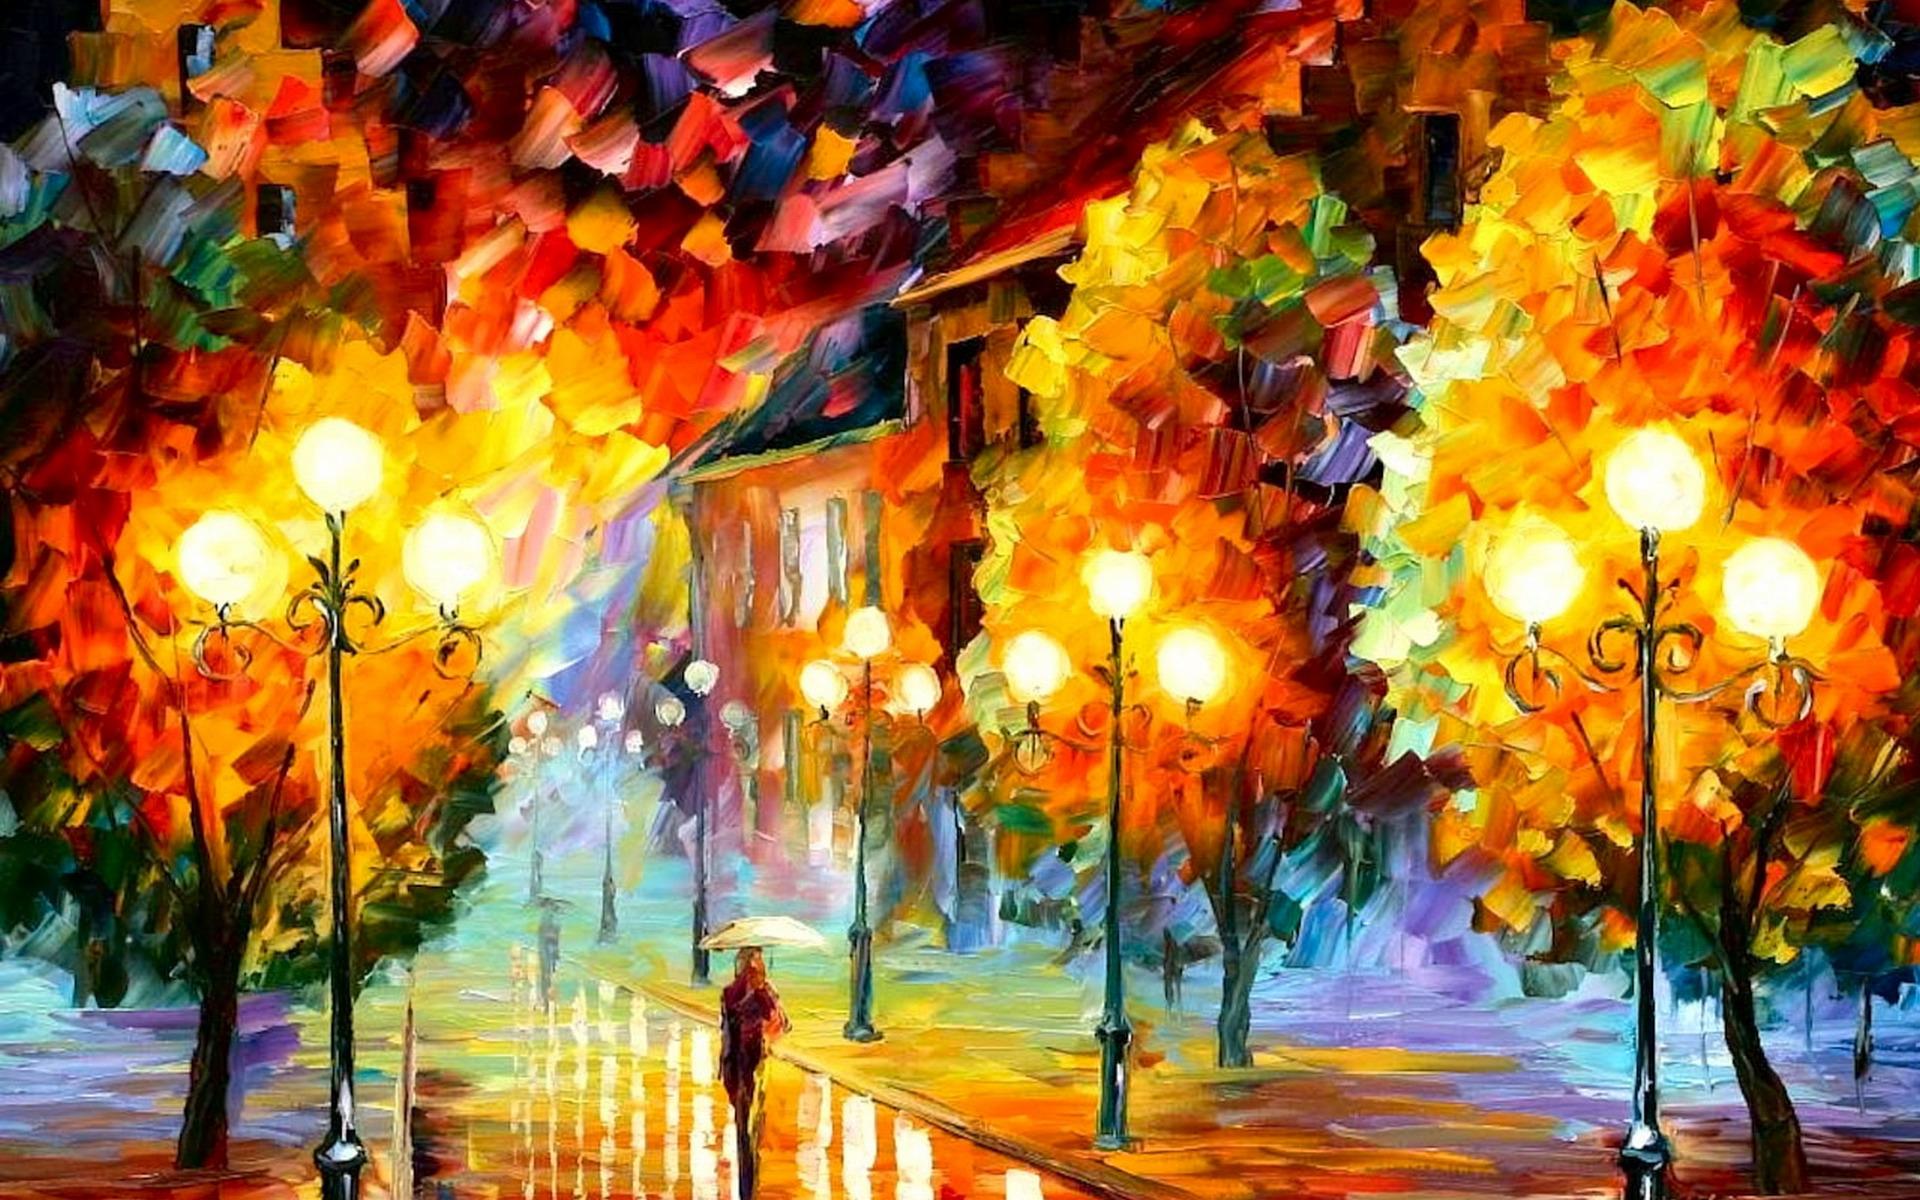 красивые картинки на рабочий стол золотая осень